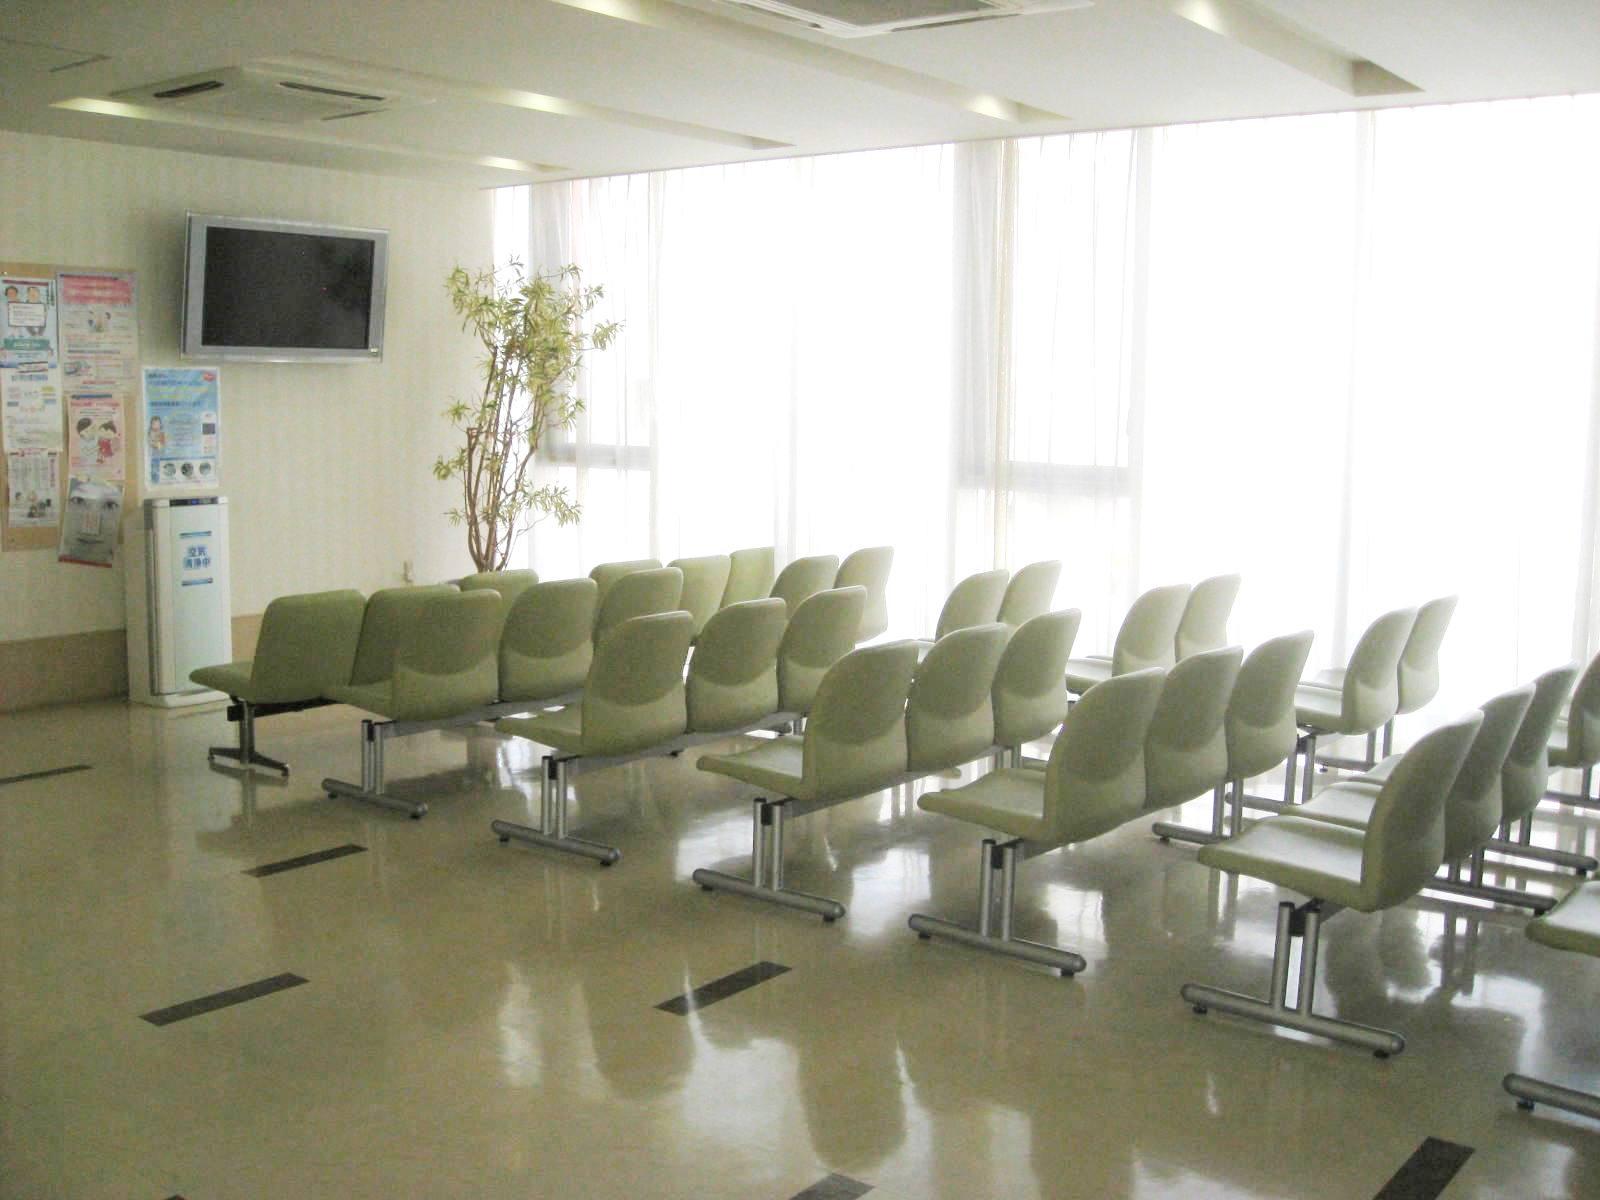 瀬戸 みどり の まち 病院